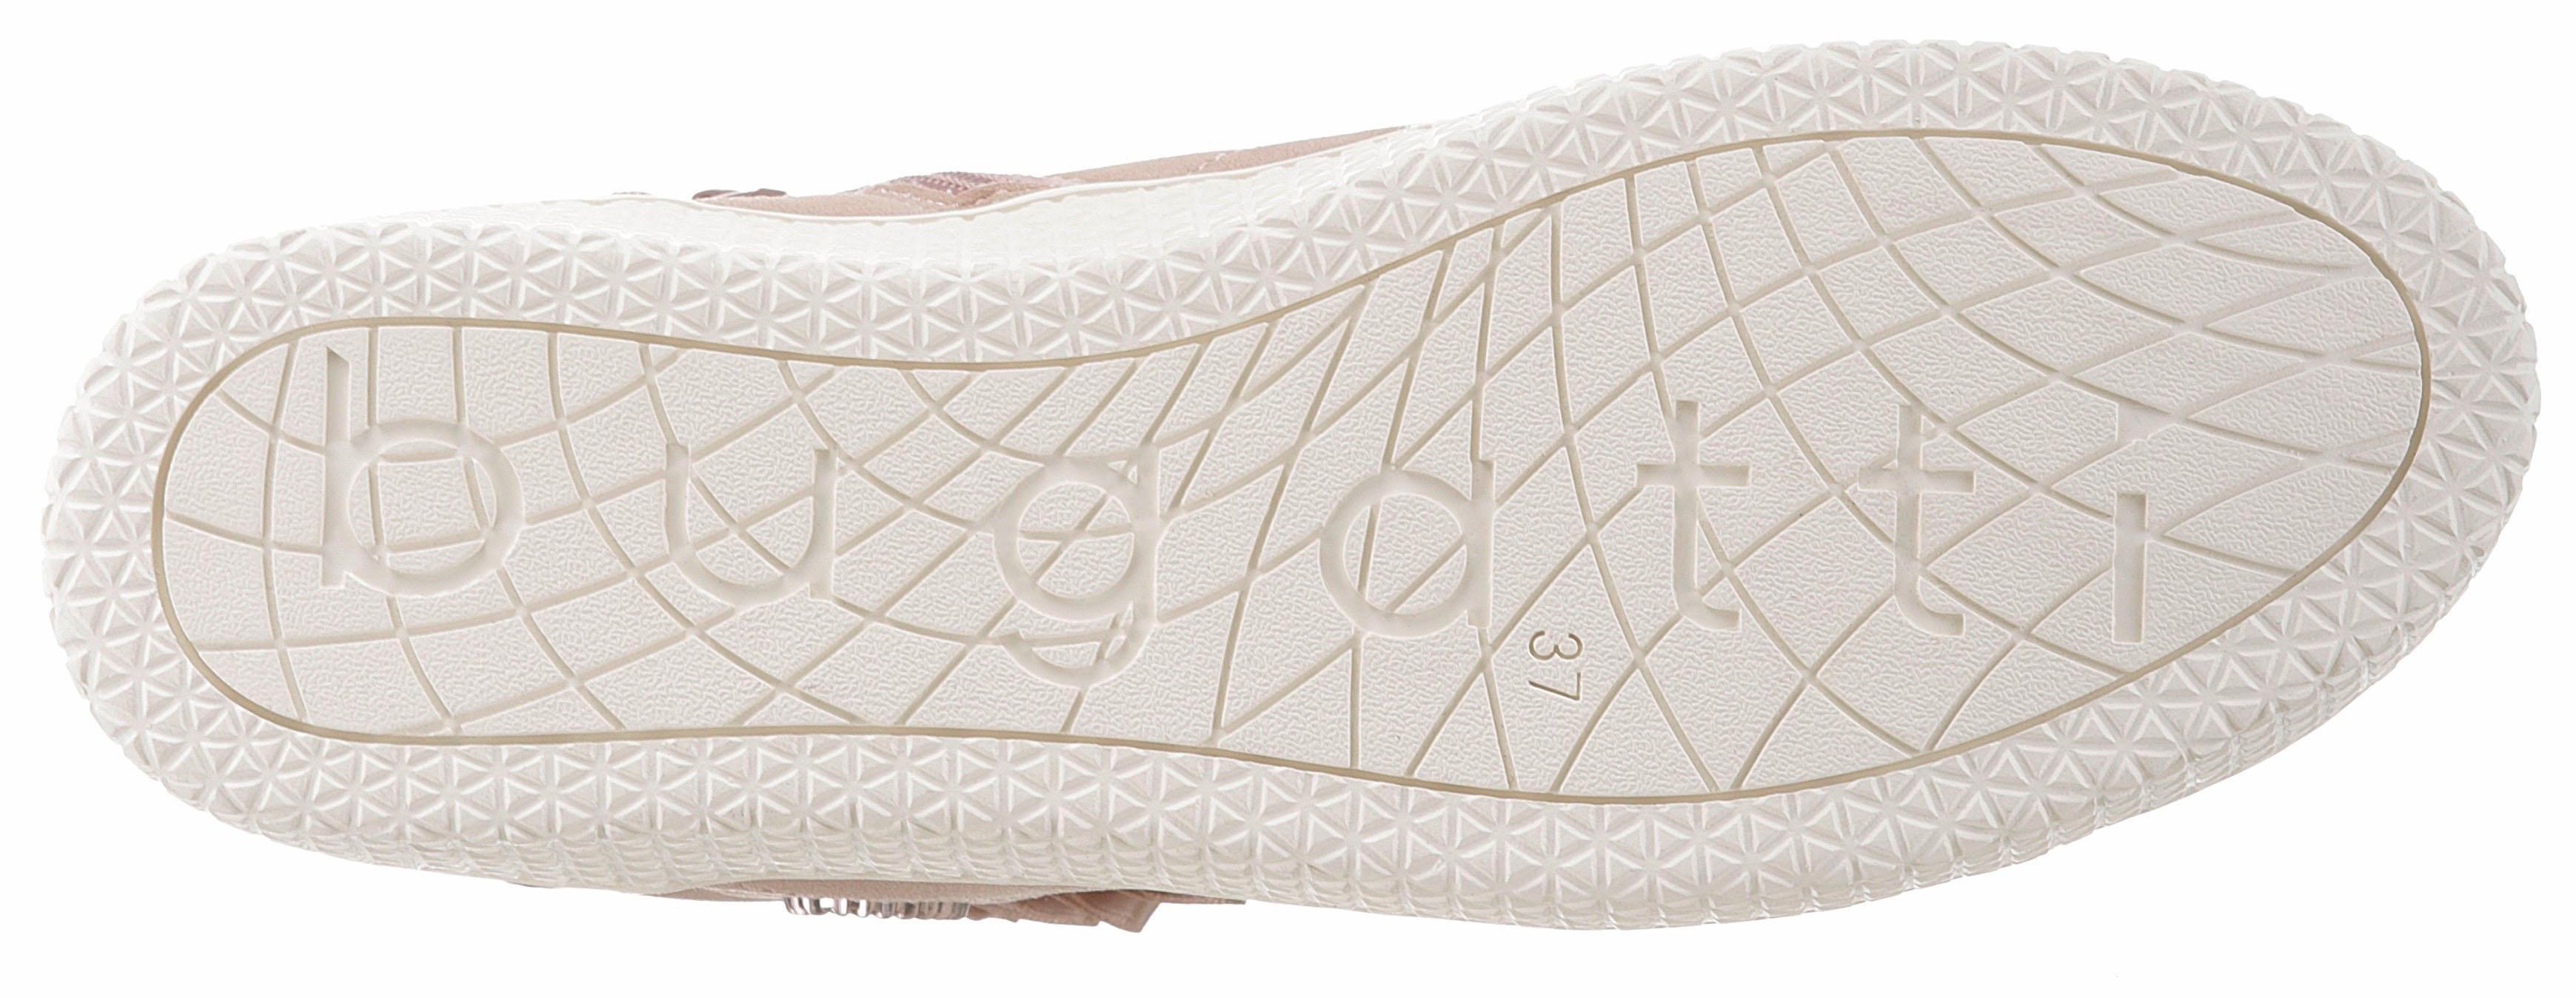 De Sneakersfergie Bugatti Online Winkel Revo In m8wn0N